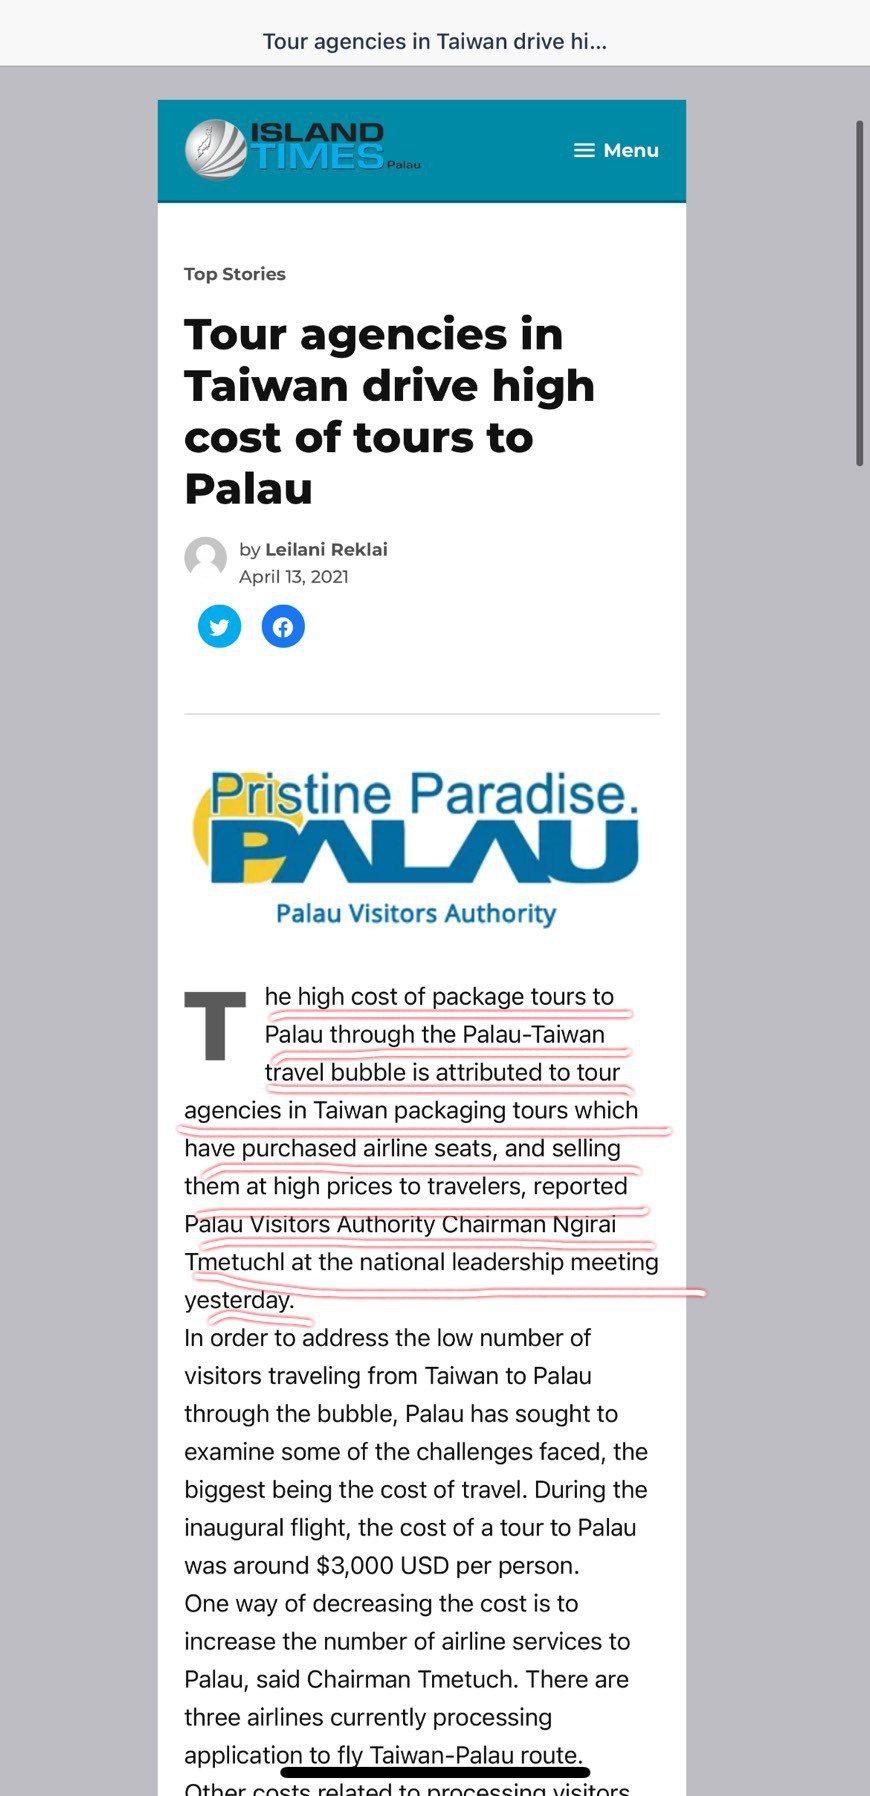 帛琉當地報紙今天討論台帛旅遊泡泡議題。圖/截自帛琉島嶼時報(Island Tim...